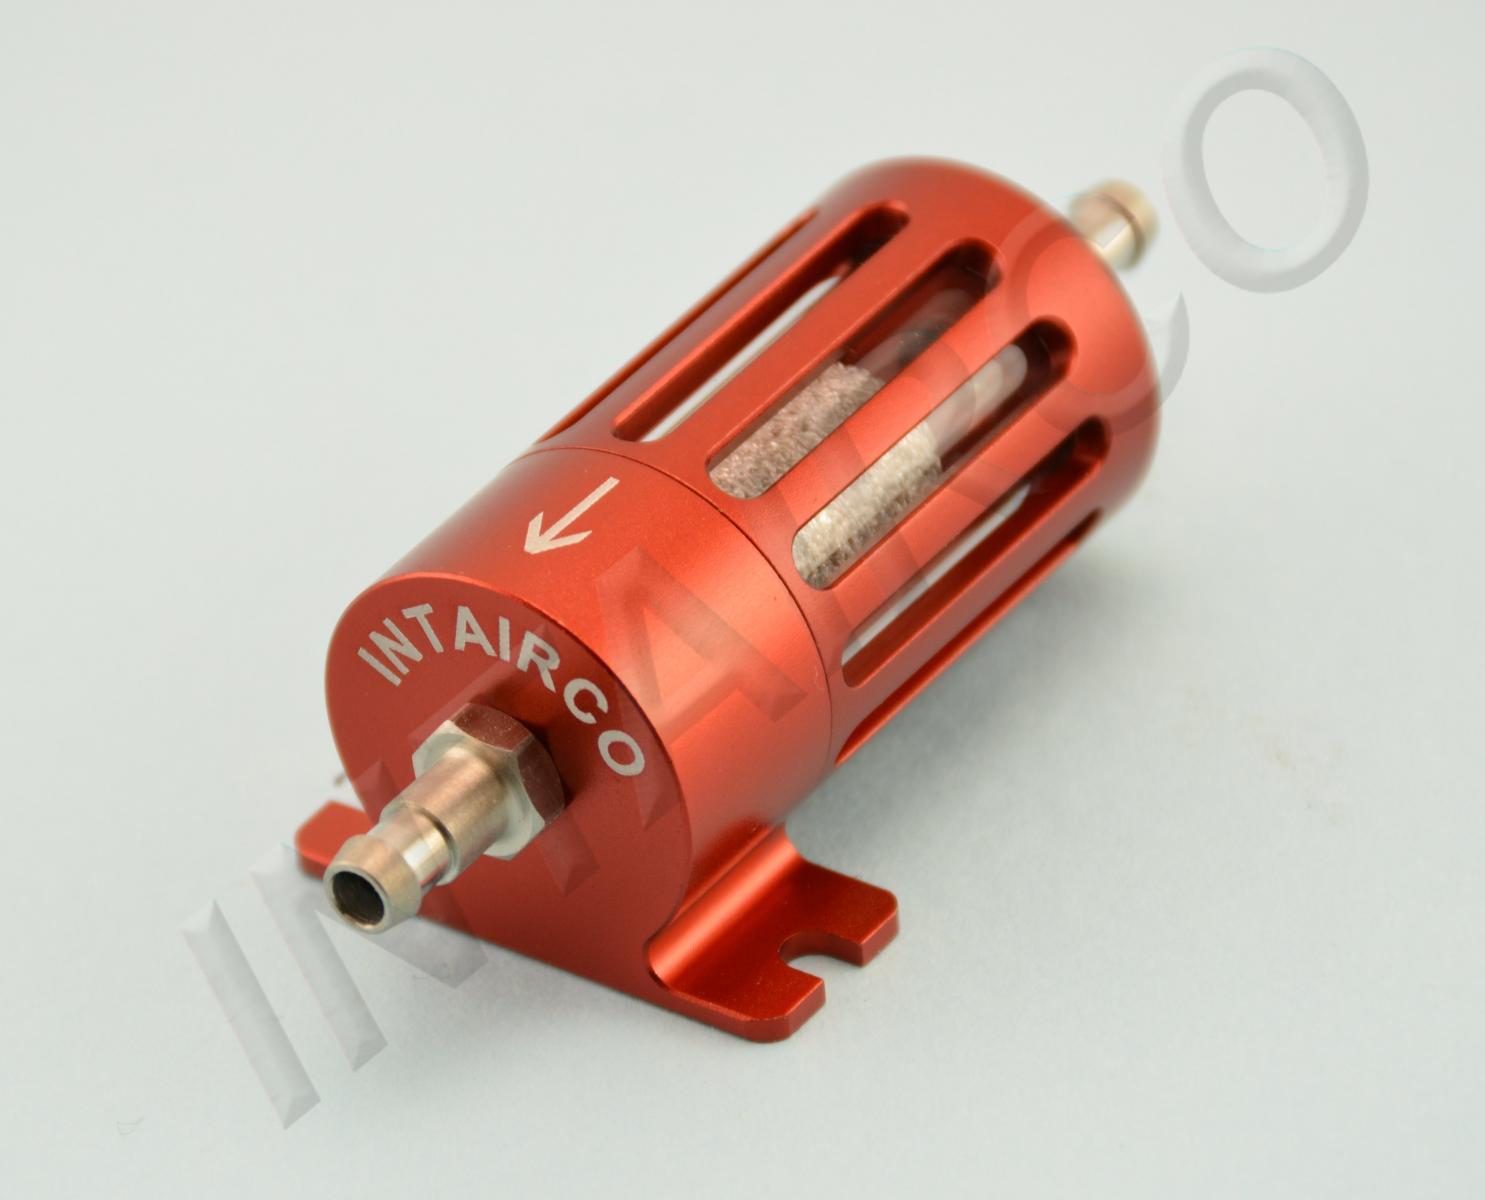 Intairco Super Filter - 4mm Klemmstecker